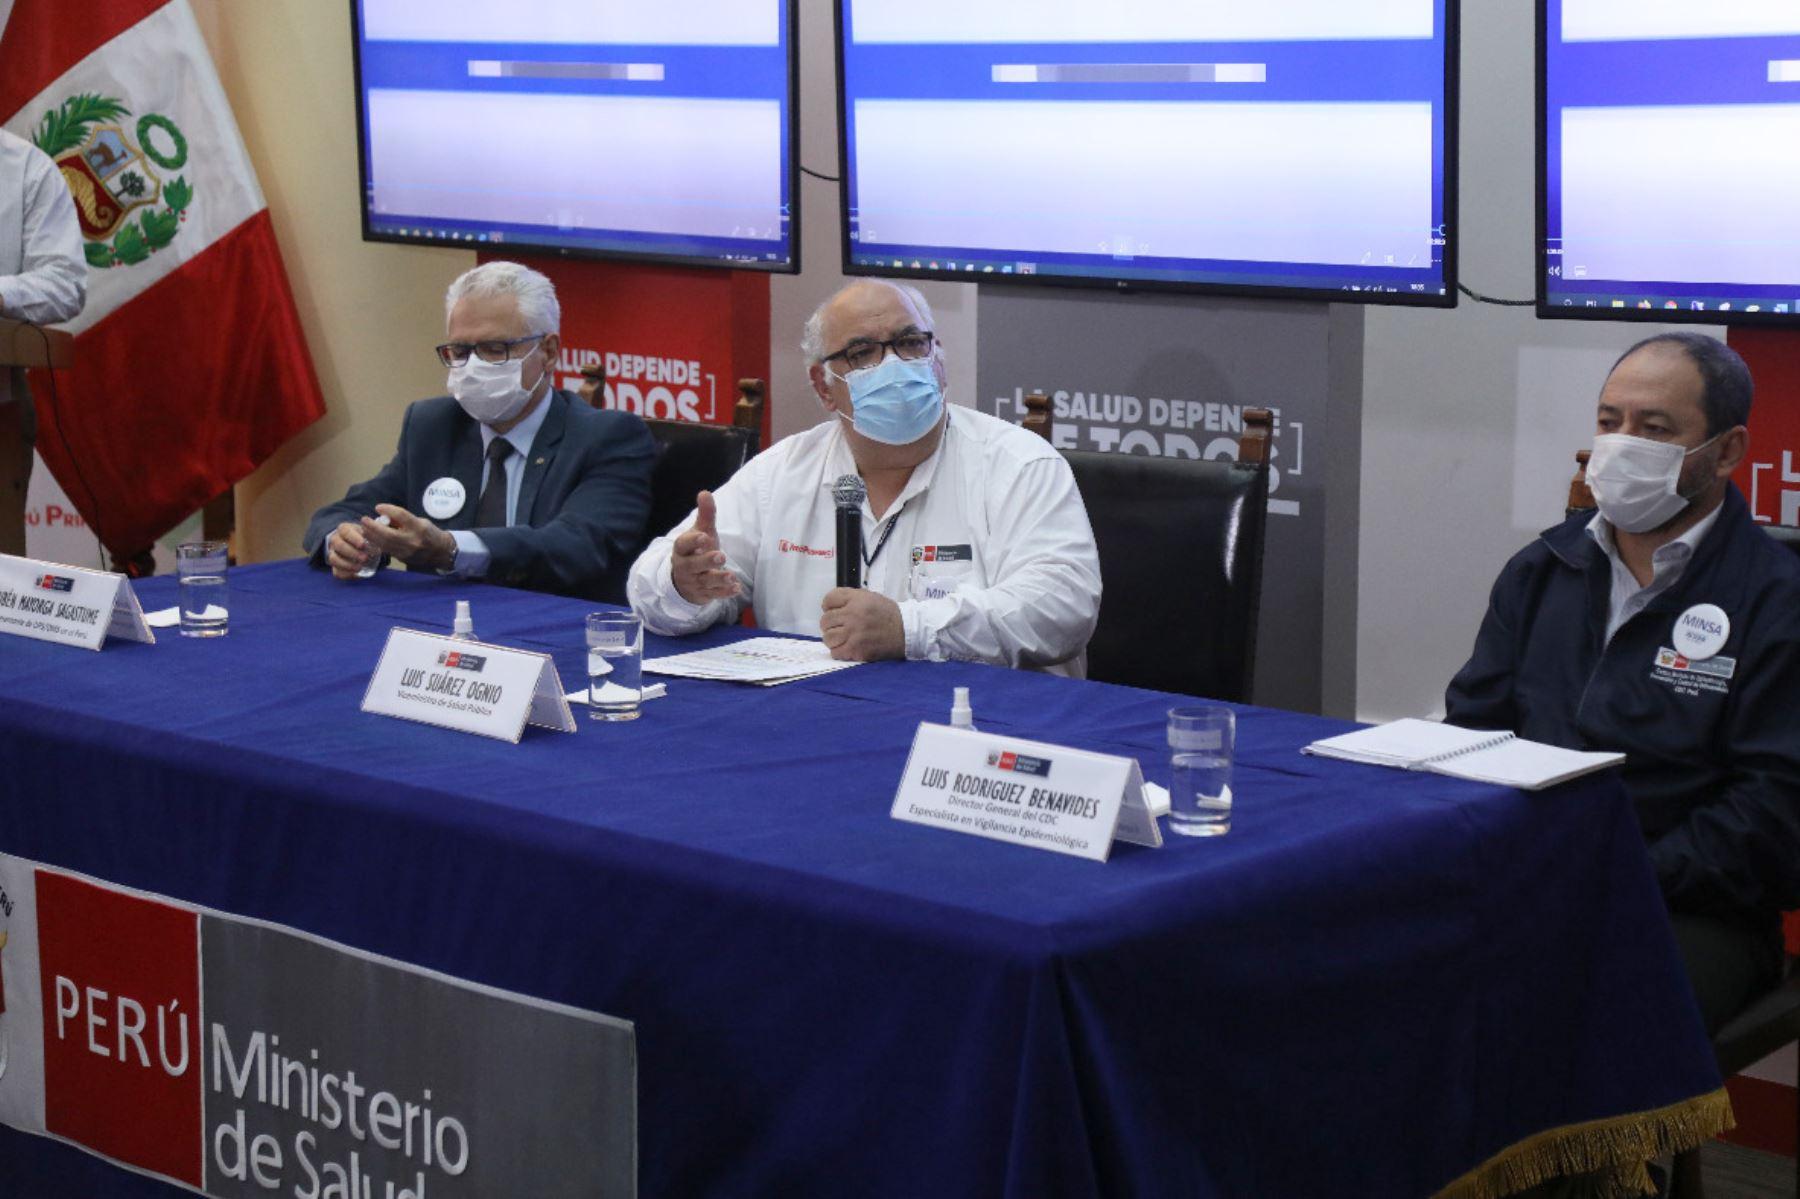 El viceministro de Salud Pública del Ministerio de Salud, Luis Suárez, ofreció conferencia de prensa para dar detalles sobre caso confirmado de difteria.